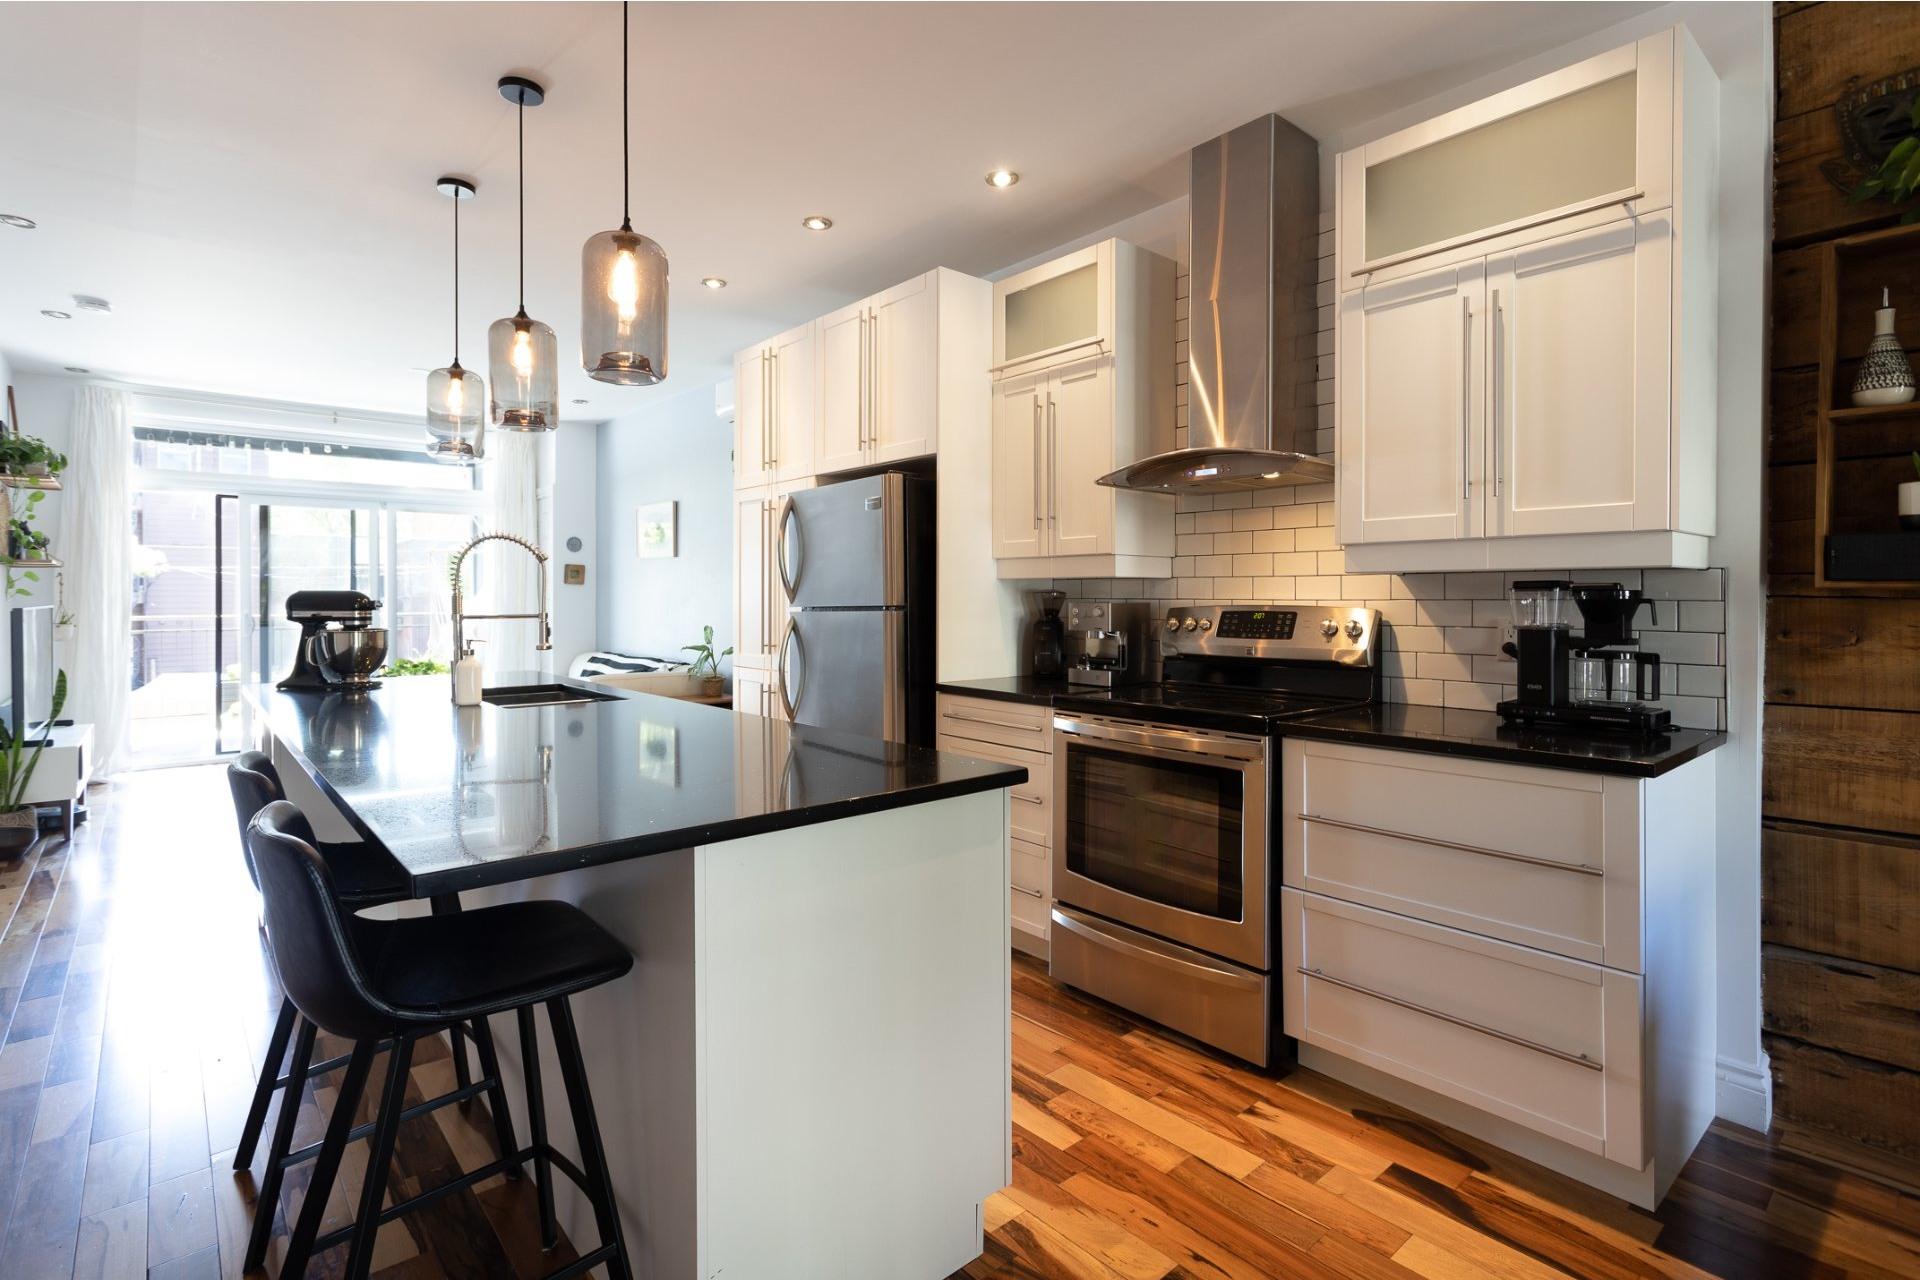 image 1 - Appartement À vendre Mercier/Hochelaga-Maisonneuve Montréal  - 4 pièces